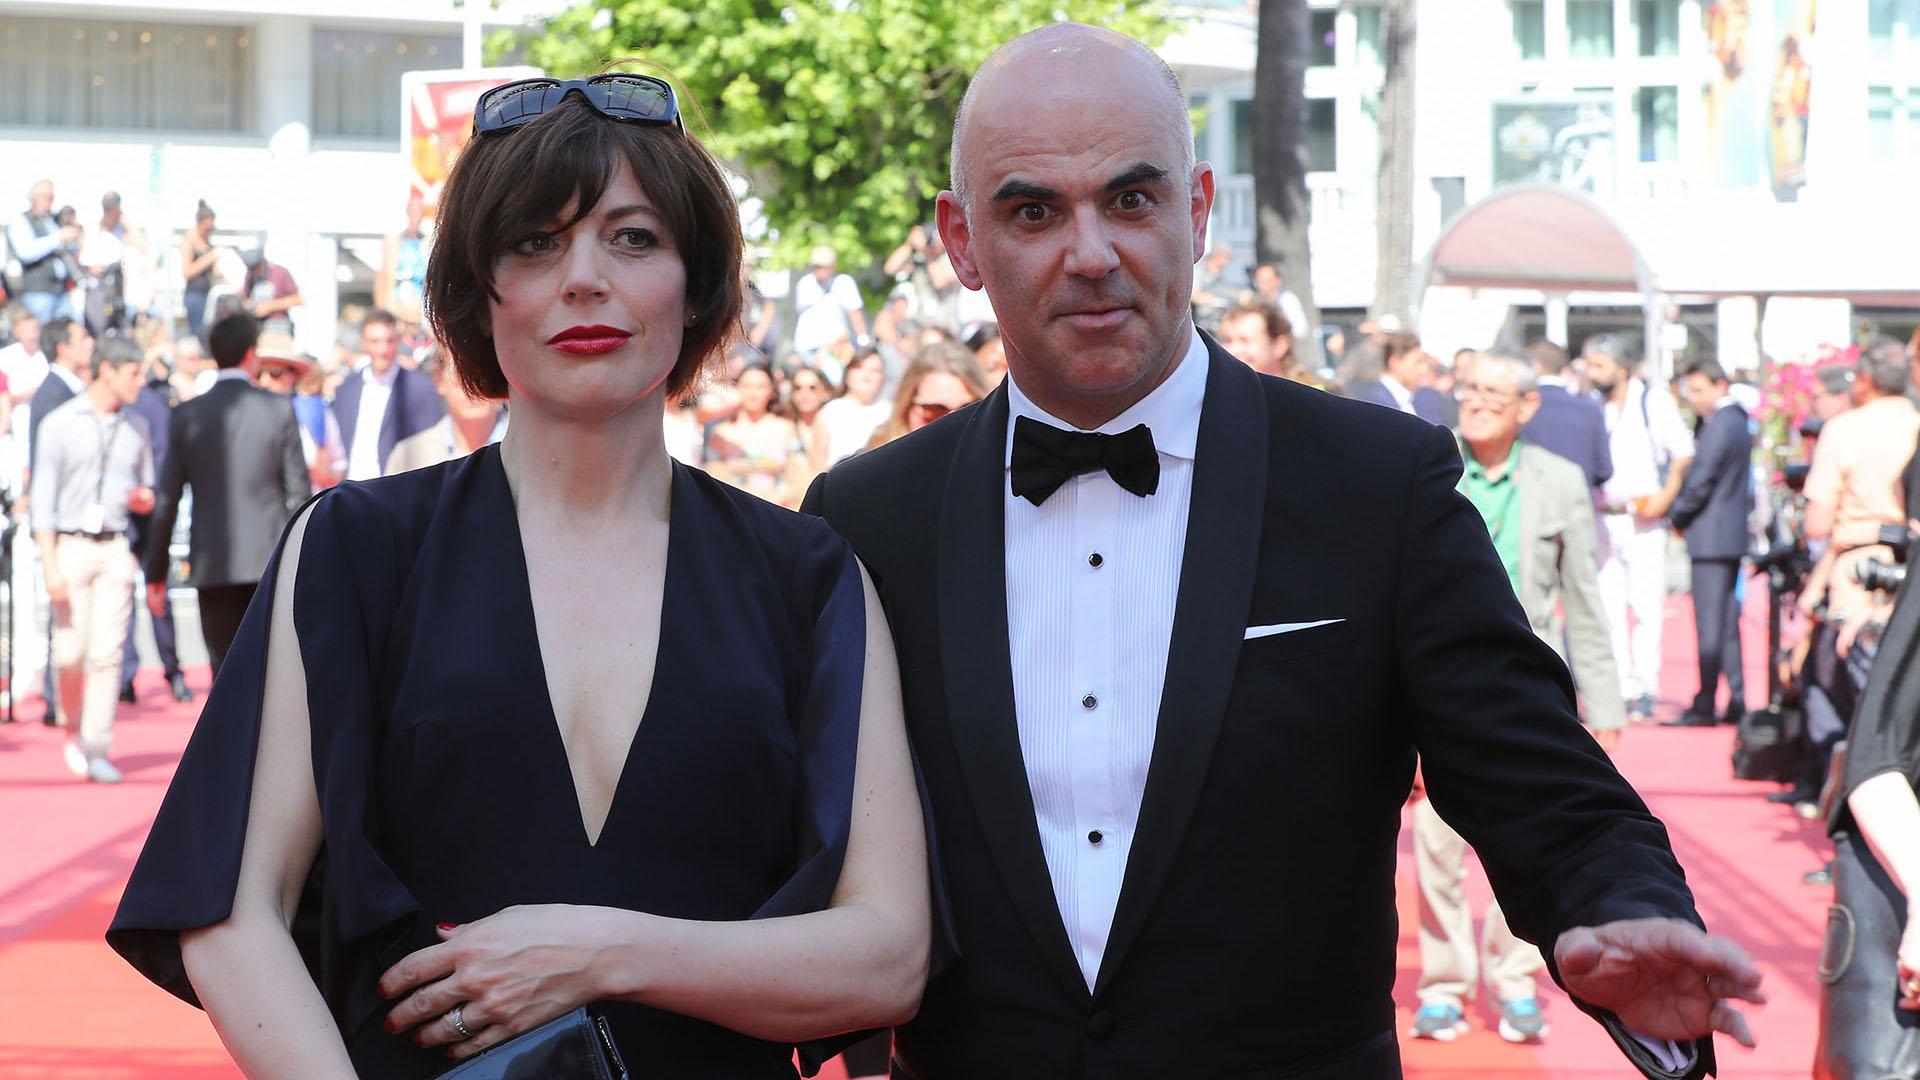 El presidente de la Confederación Suiza, Alain Berset, y su esposa Muriel Zeender Berset (AFP)